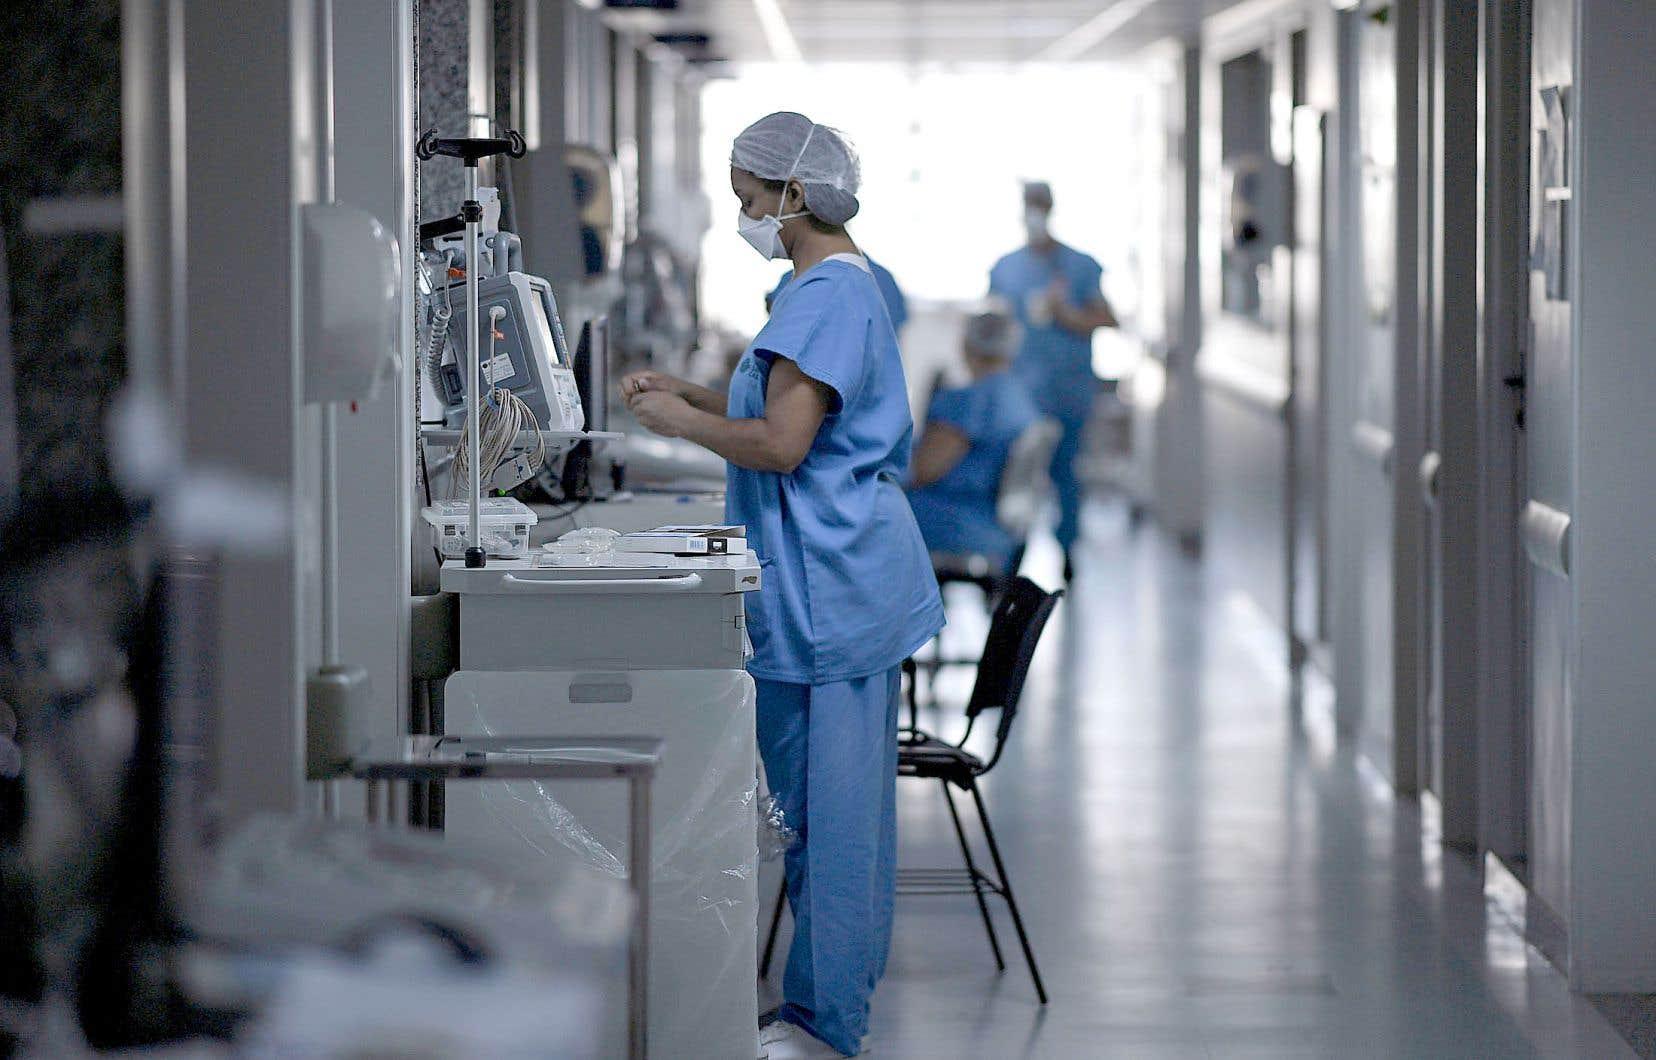 L'infirmière détient actuellement toujours son droit de pratique. On ne sait pas encore quelle sanction sera recommandée.